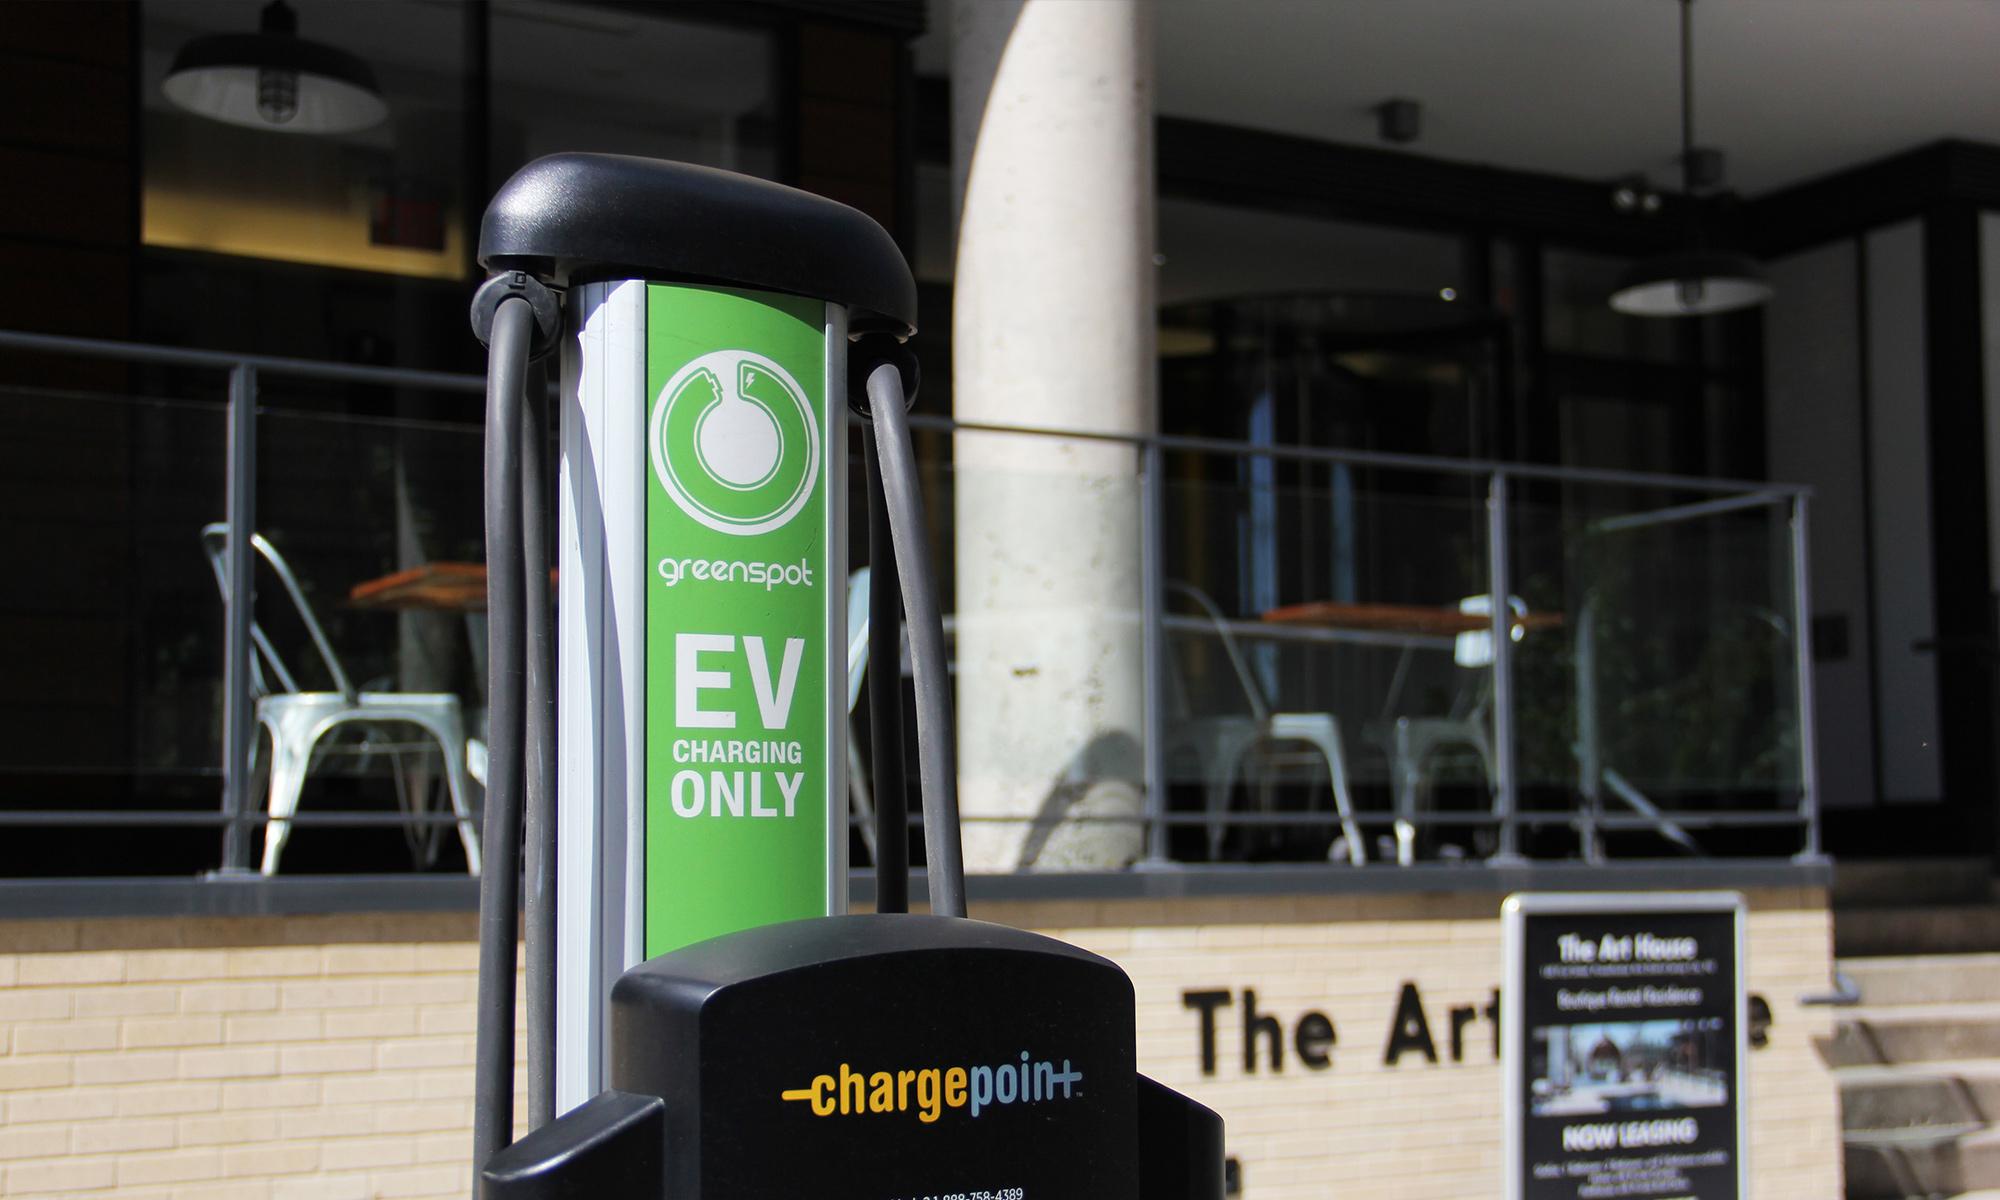 Greenspot EV Infrastructure